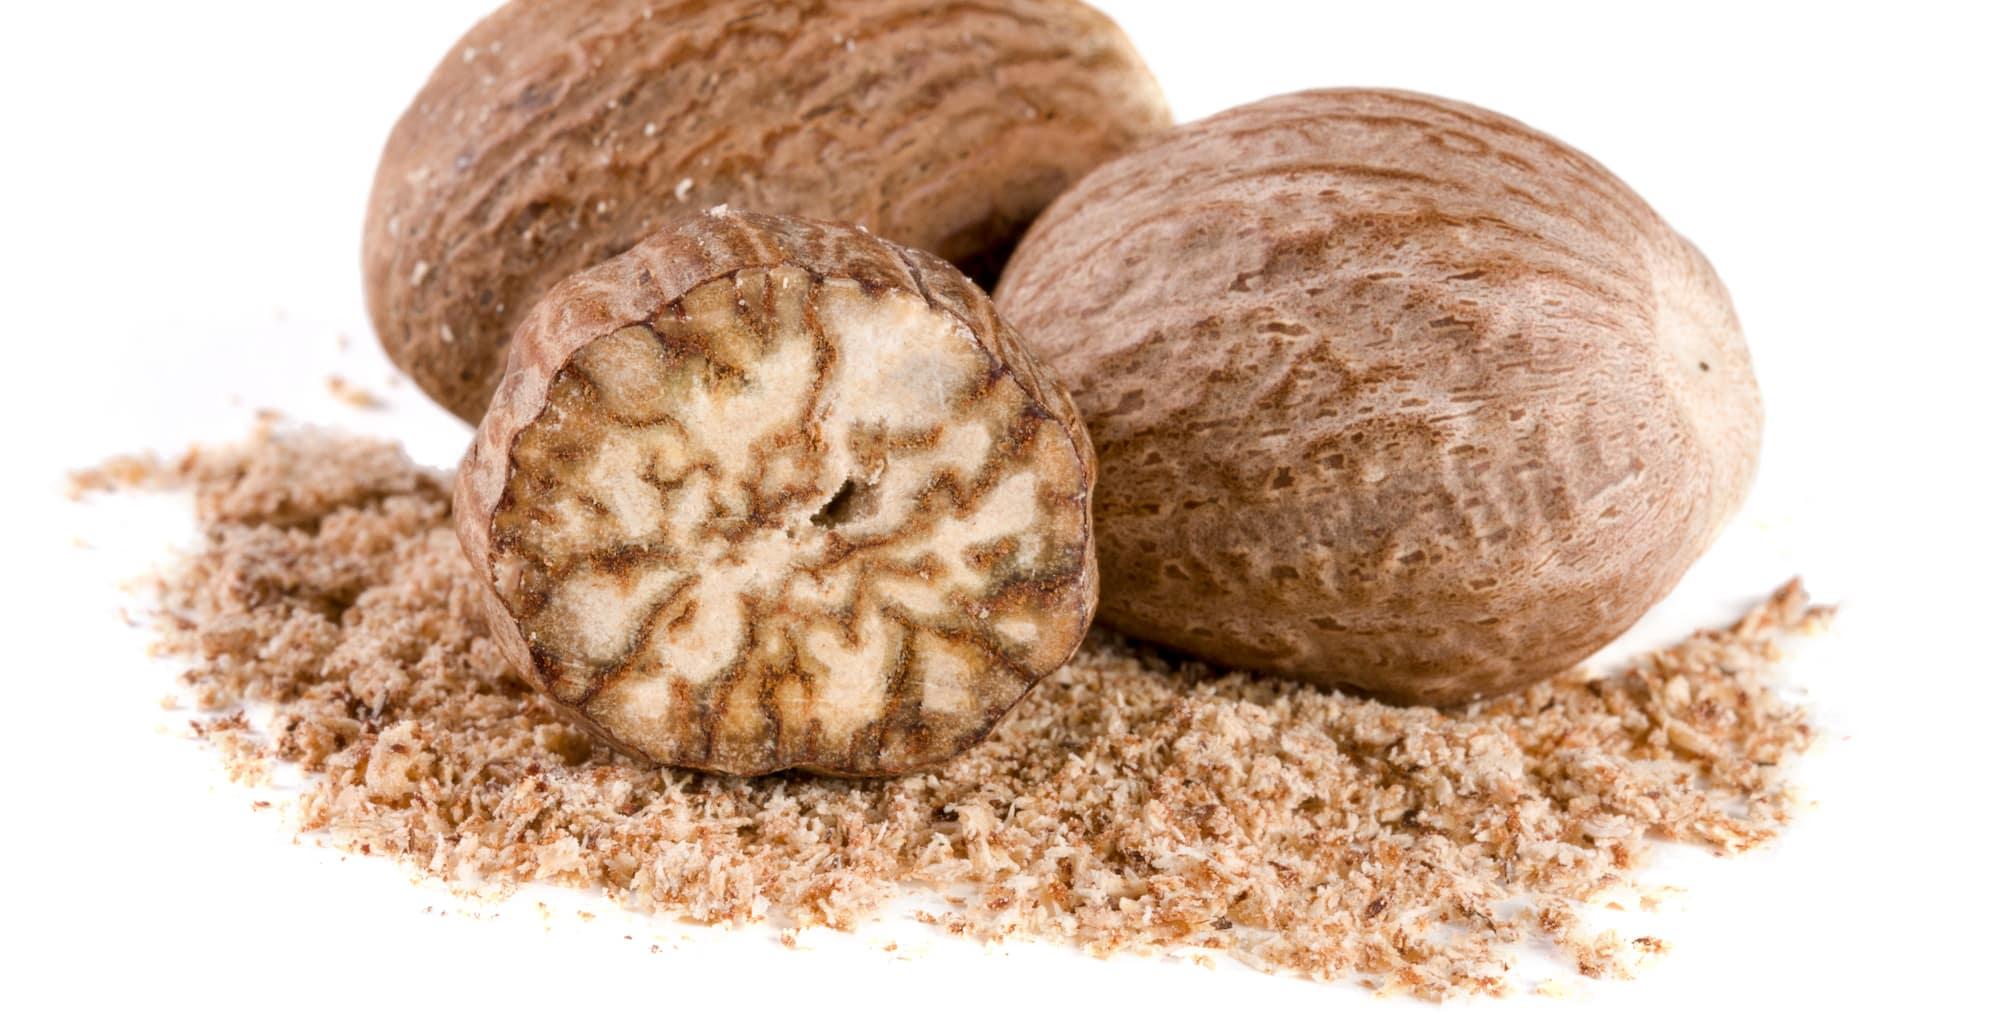 Fresh Nutmeg Vs. Ground Nutmeg